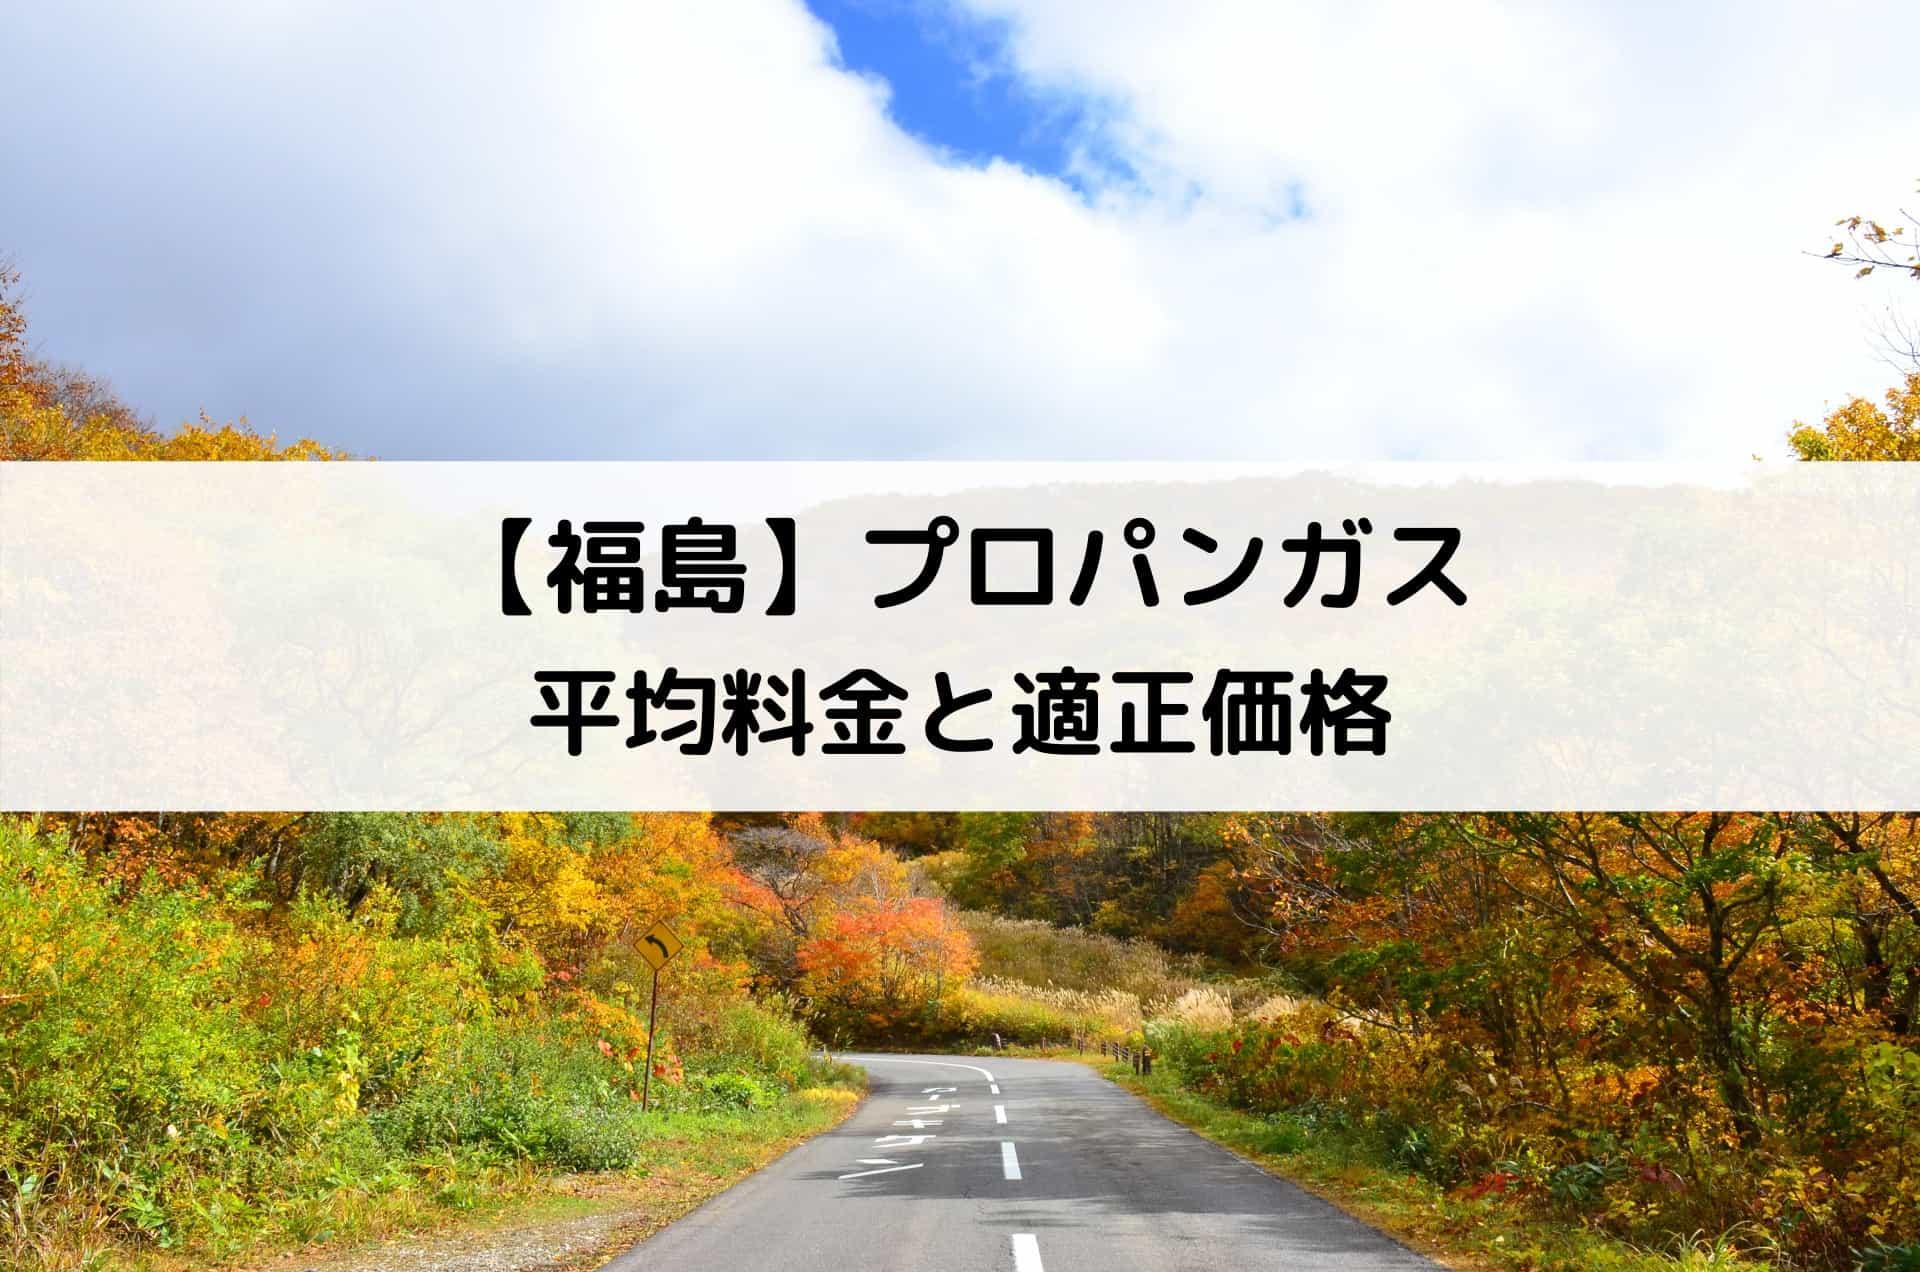 【福島】プロパンガス(LPガス)の平均料金と適正価格|安く利用できるガス会社は?